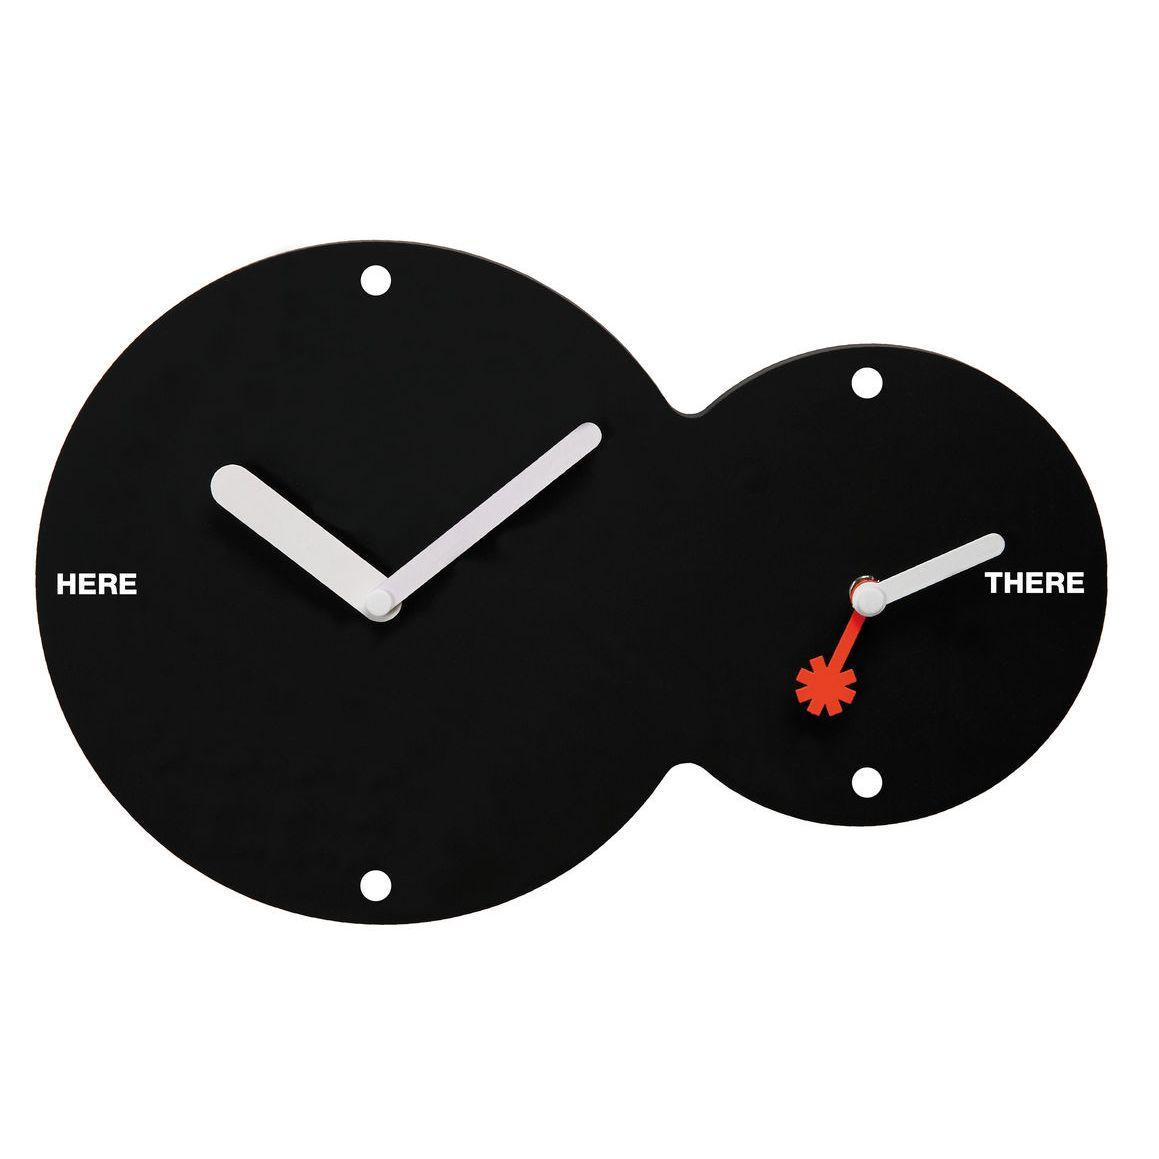 Orologio da parete circolare doppio fuso di colore nero con lancette bianche e rossa